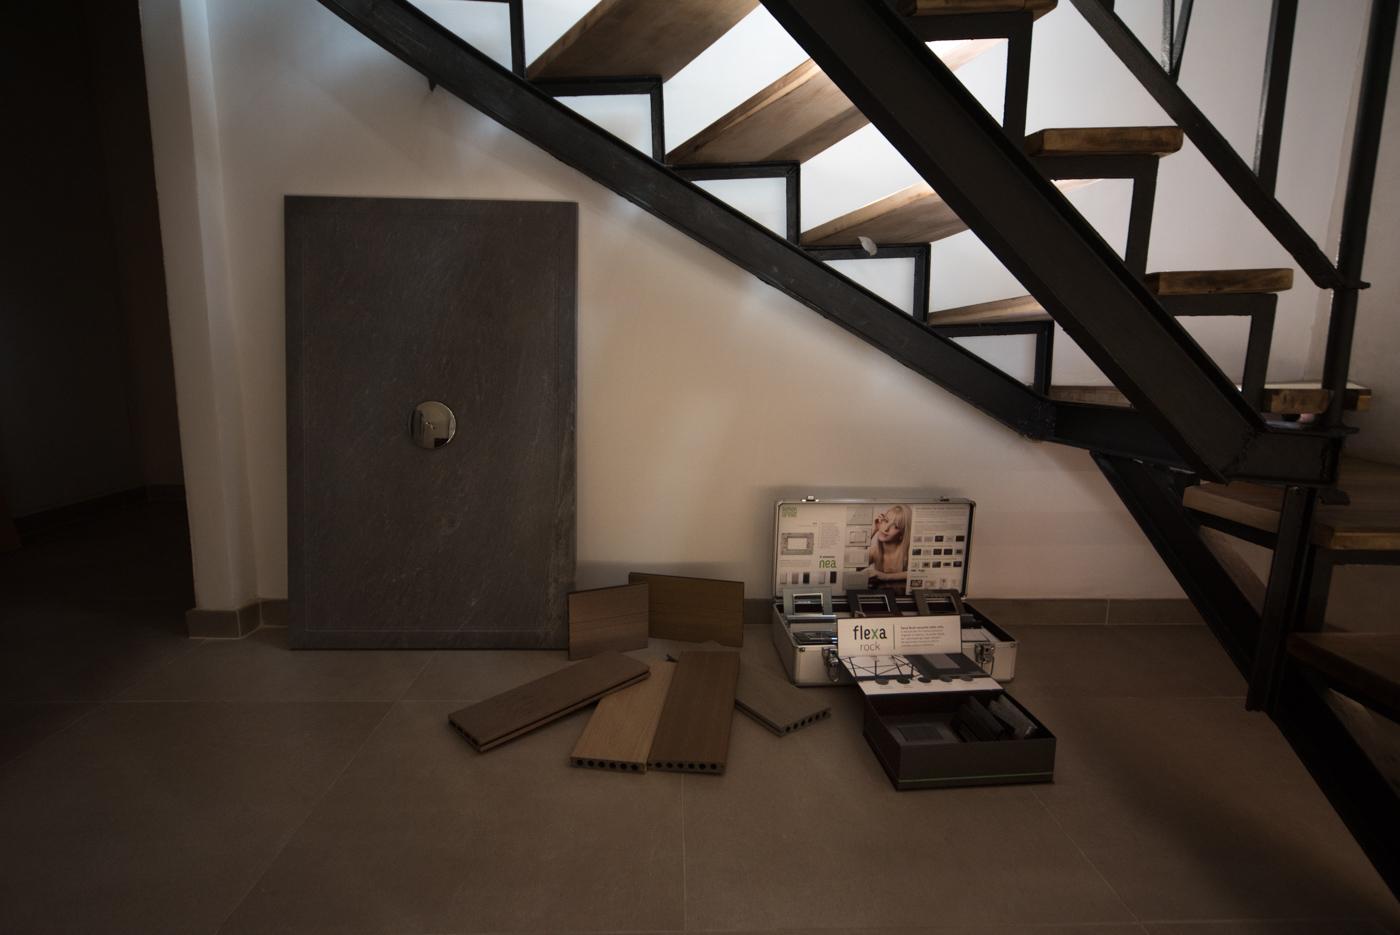 valentina solera, architetto, interior, ristrutturazione, genova, liguria, italy, interior5-8.jpg